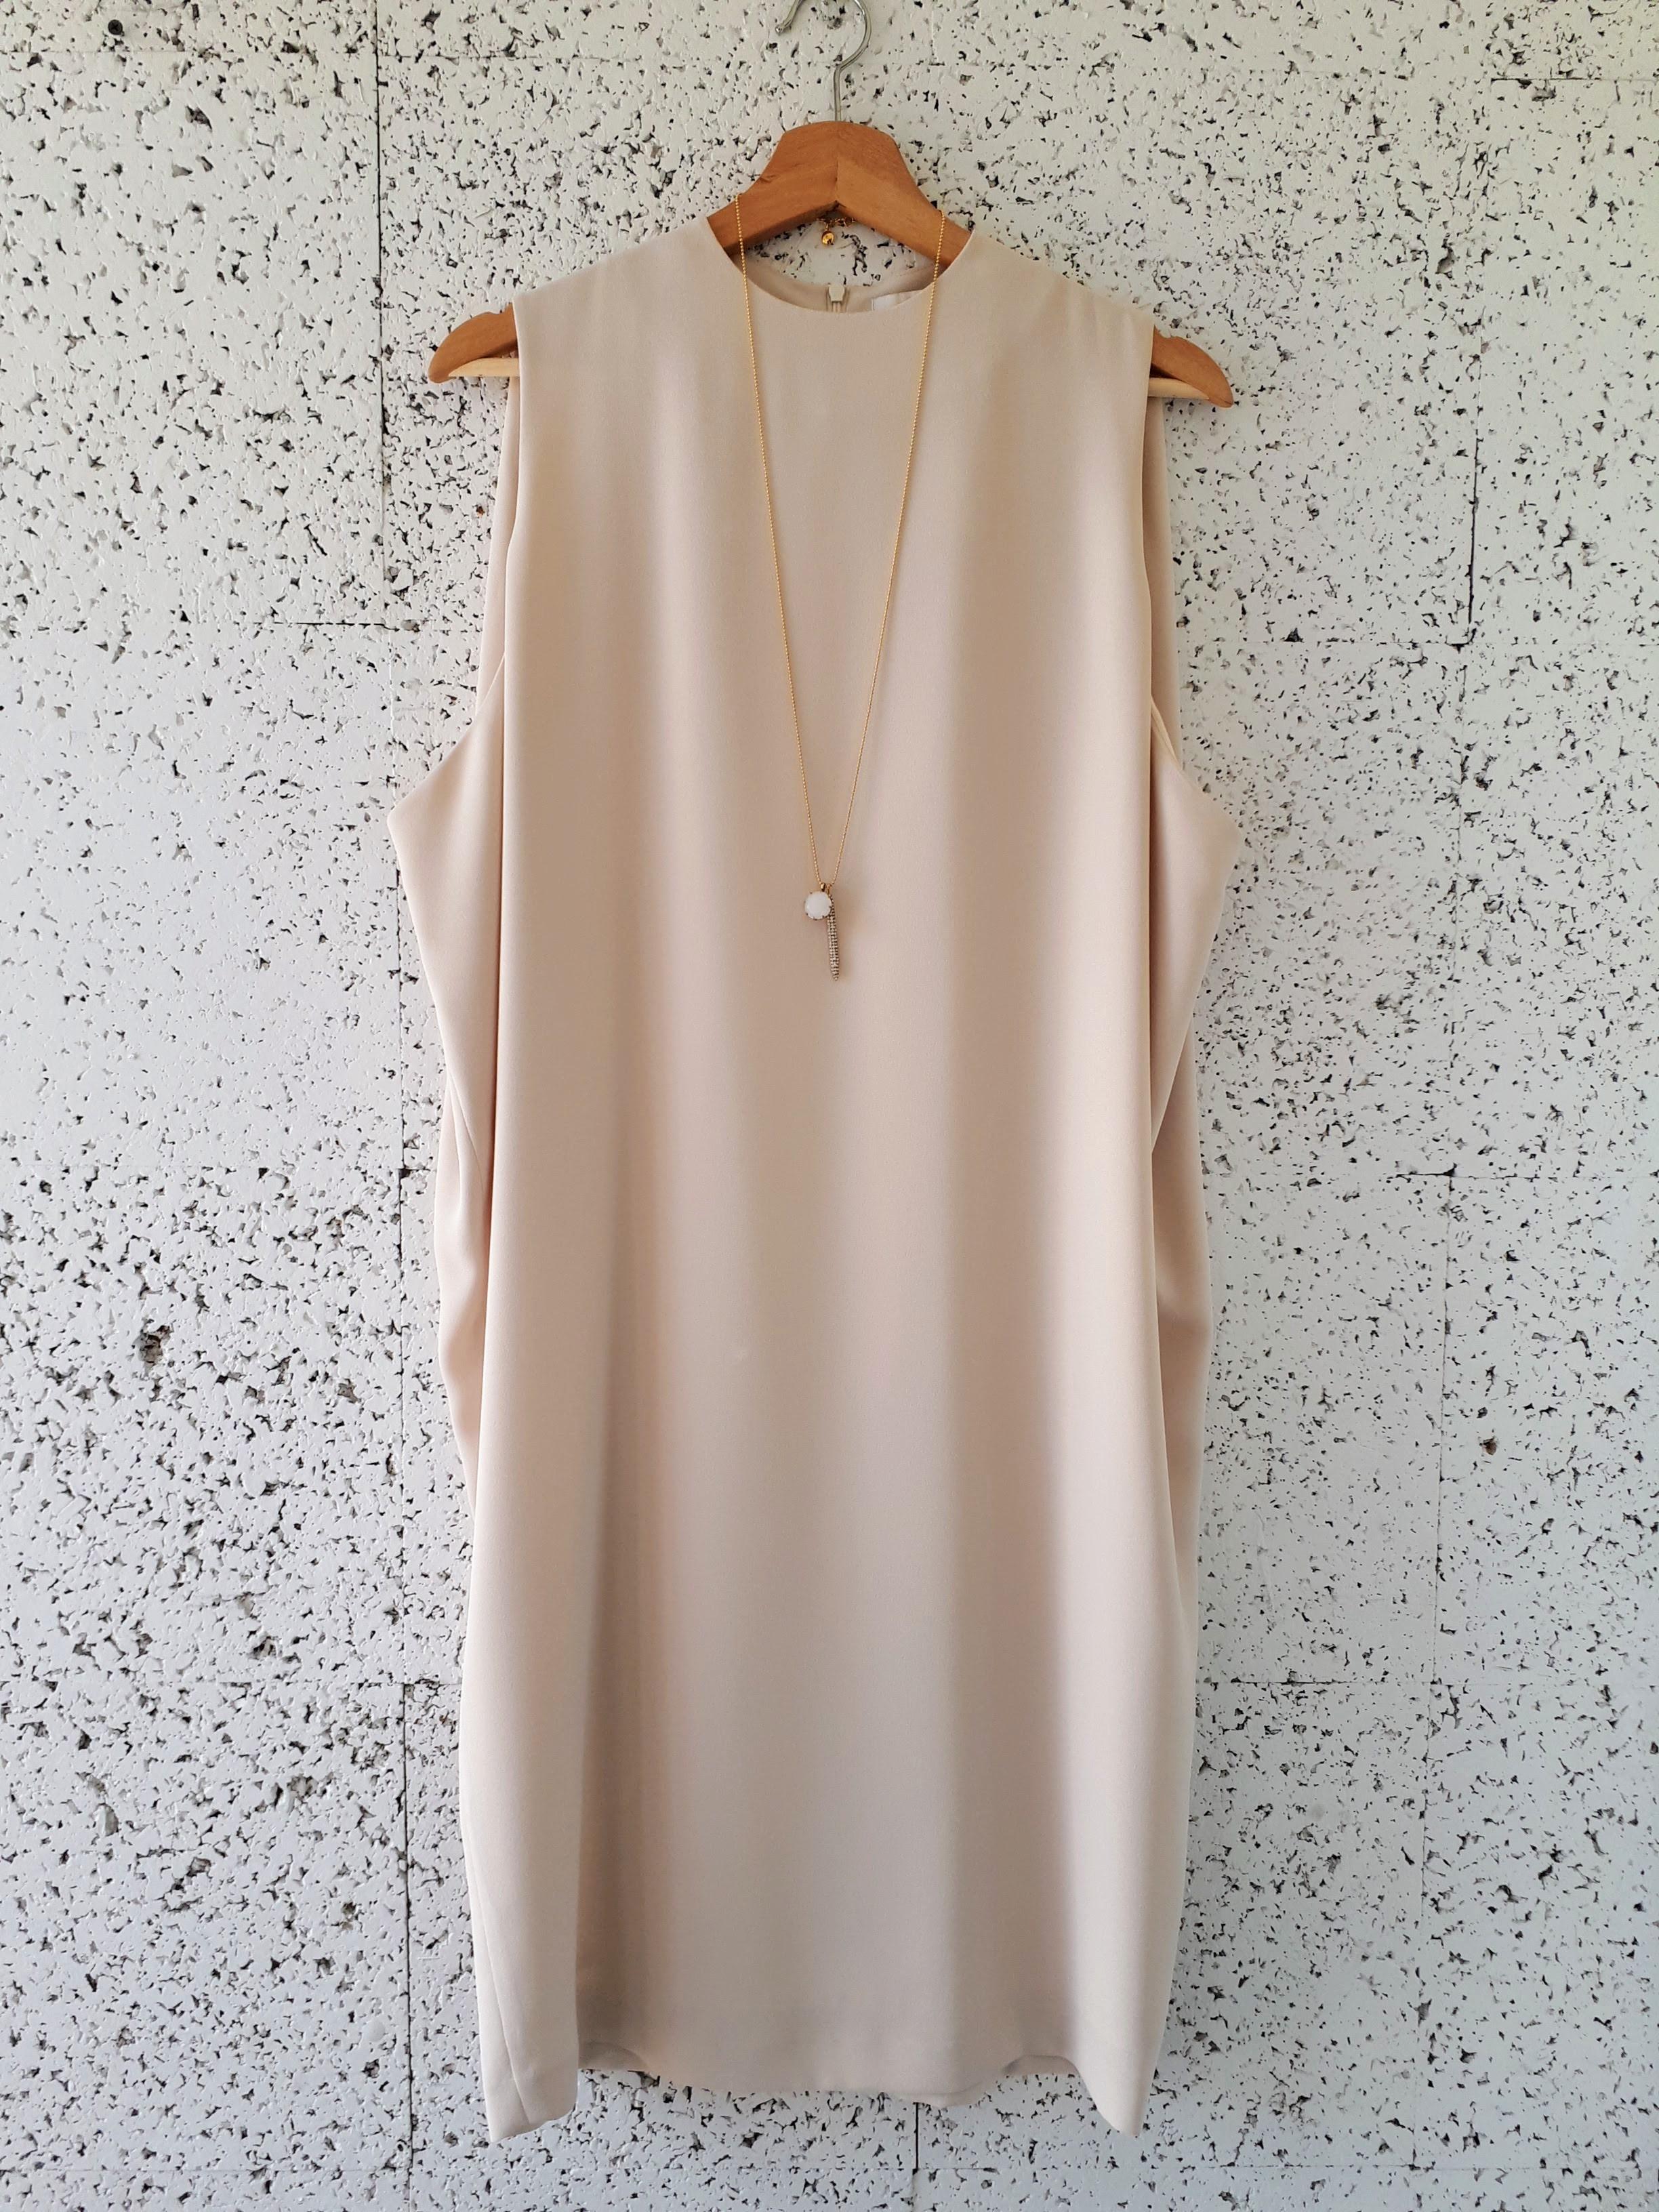 Oak+Fort dress; Size S, $68